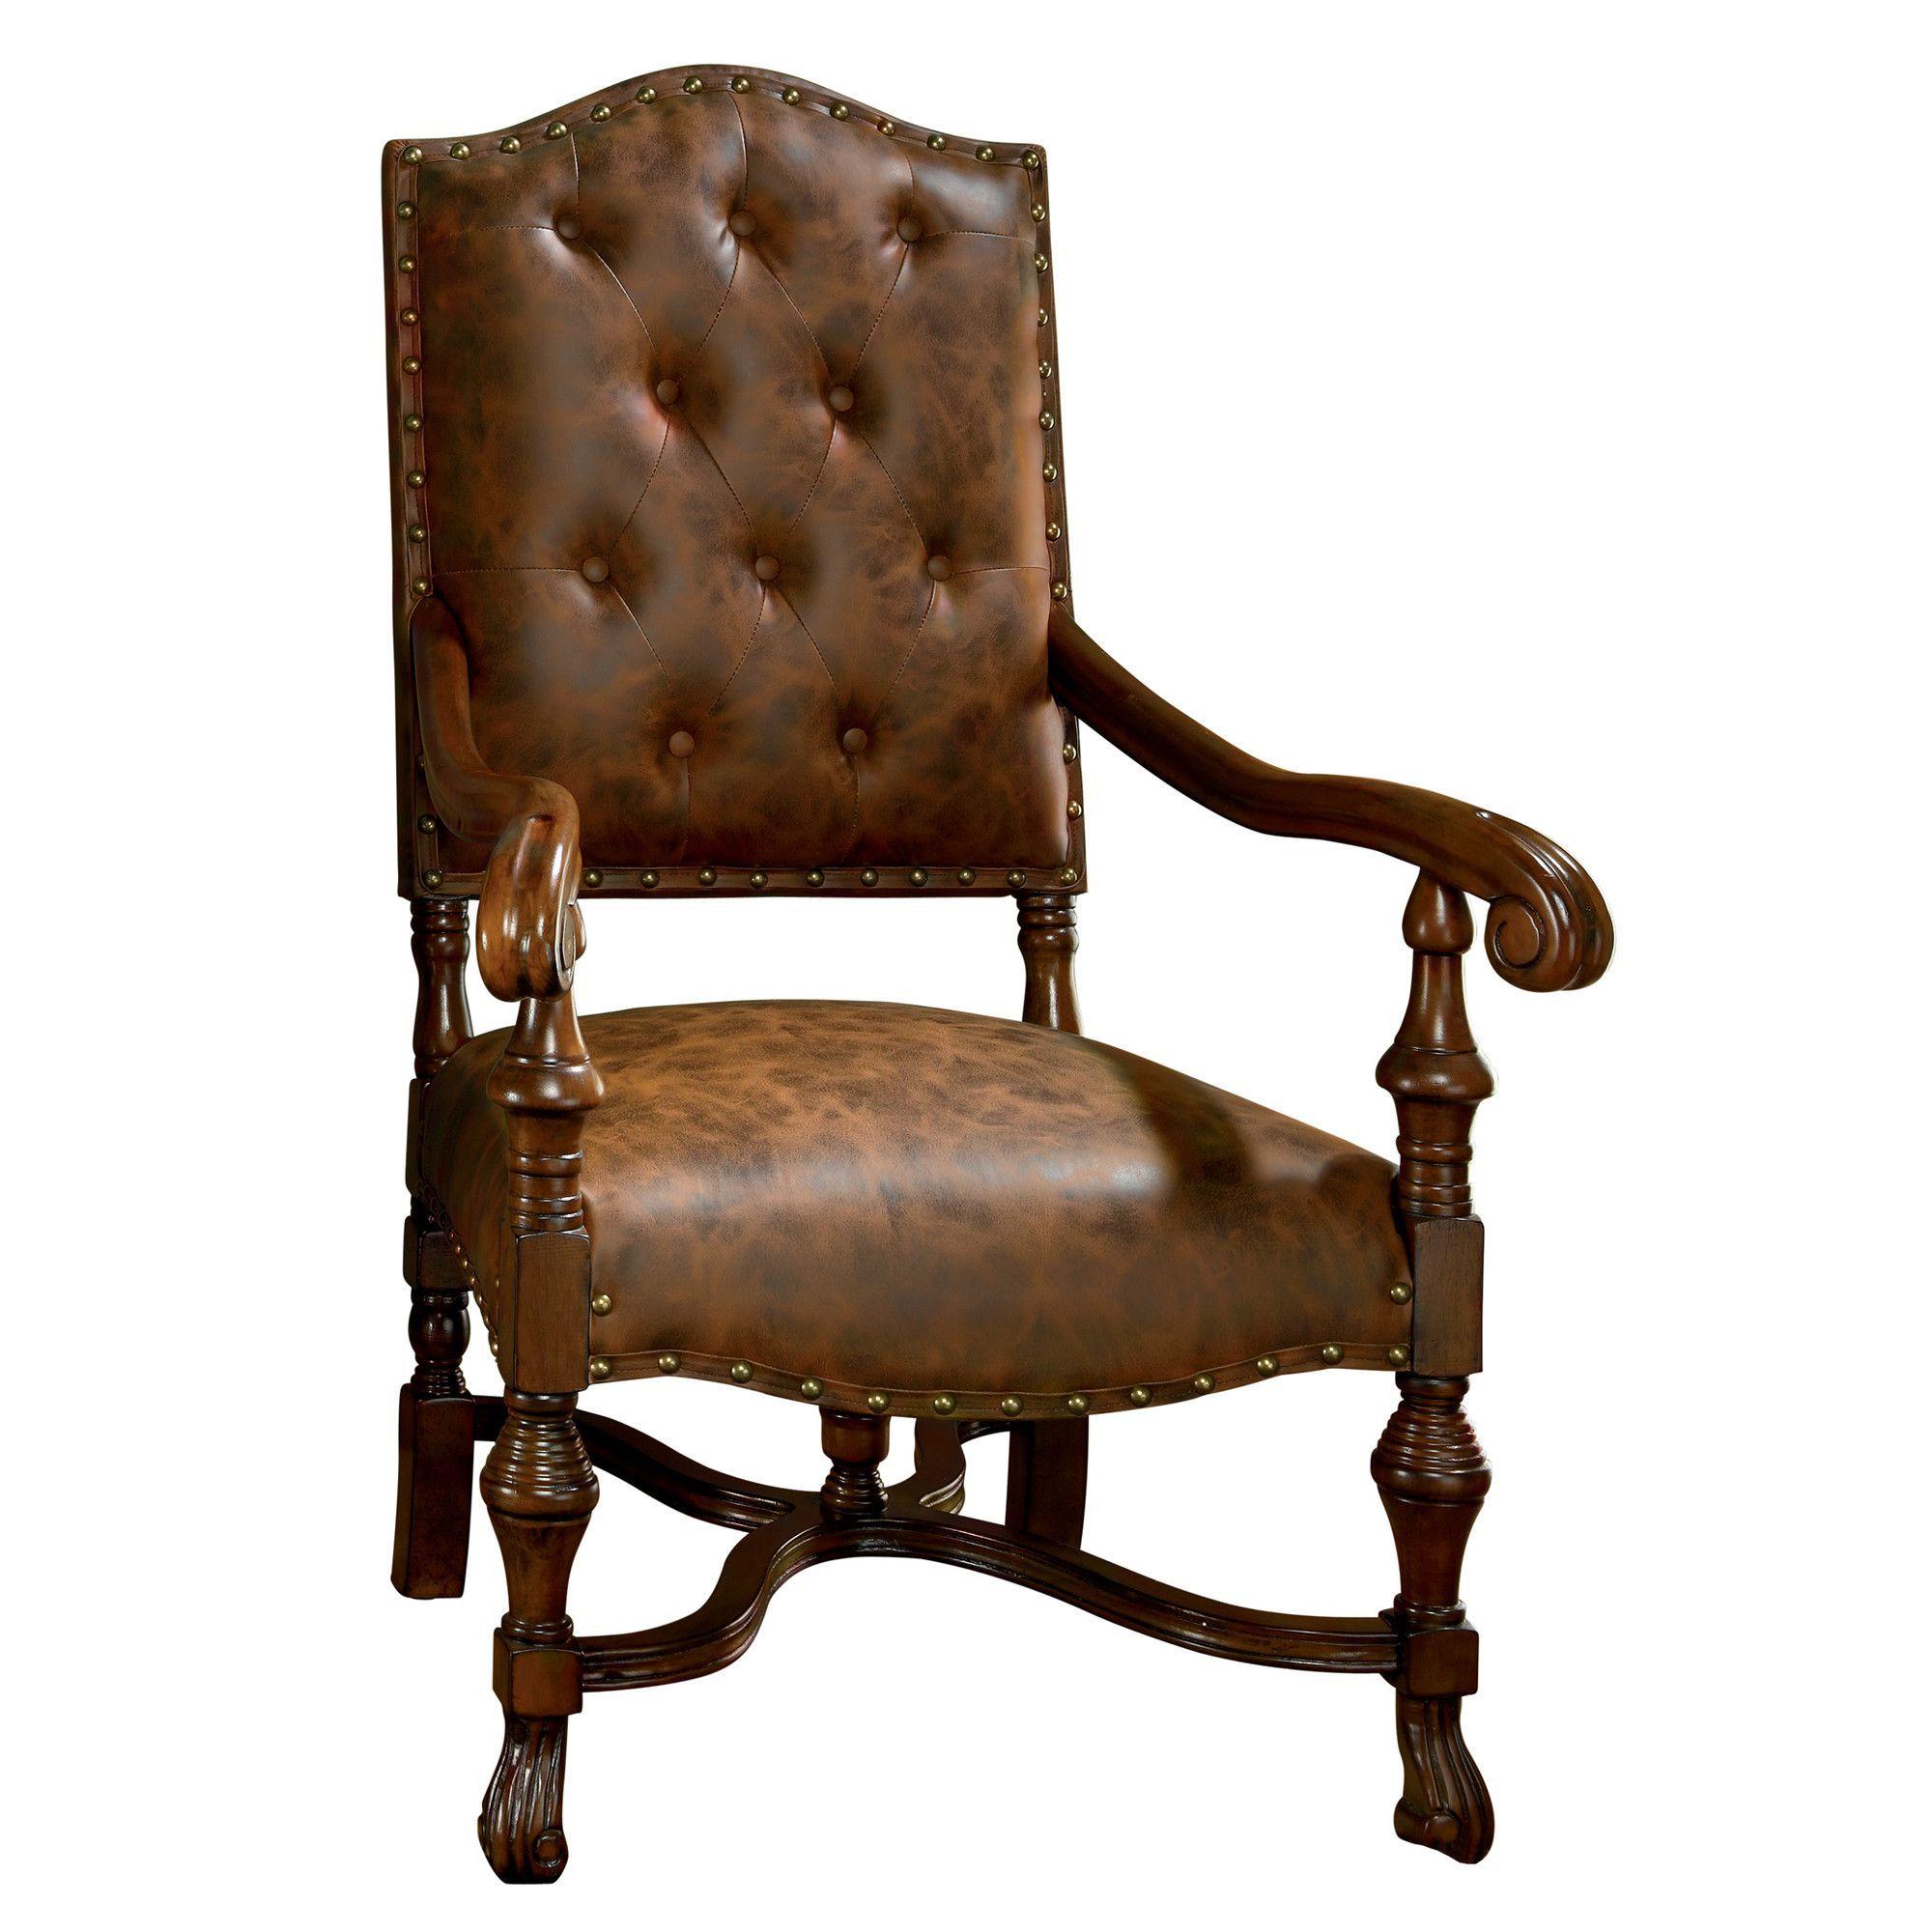 chaise en espagnol interesting finest decoration chaises design pas chere chaise design pas. Black Bedroom Furniture Sets. Home Design Ideas